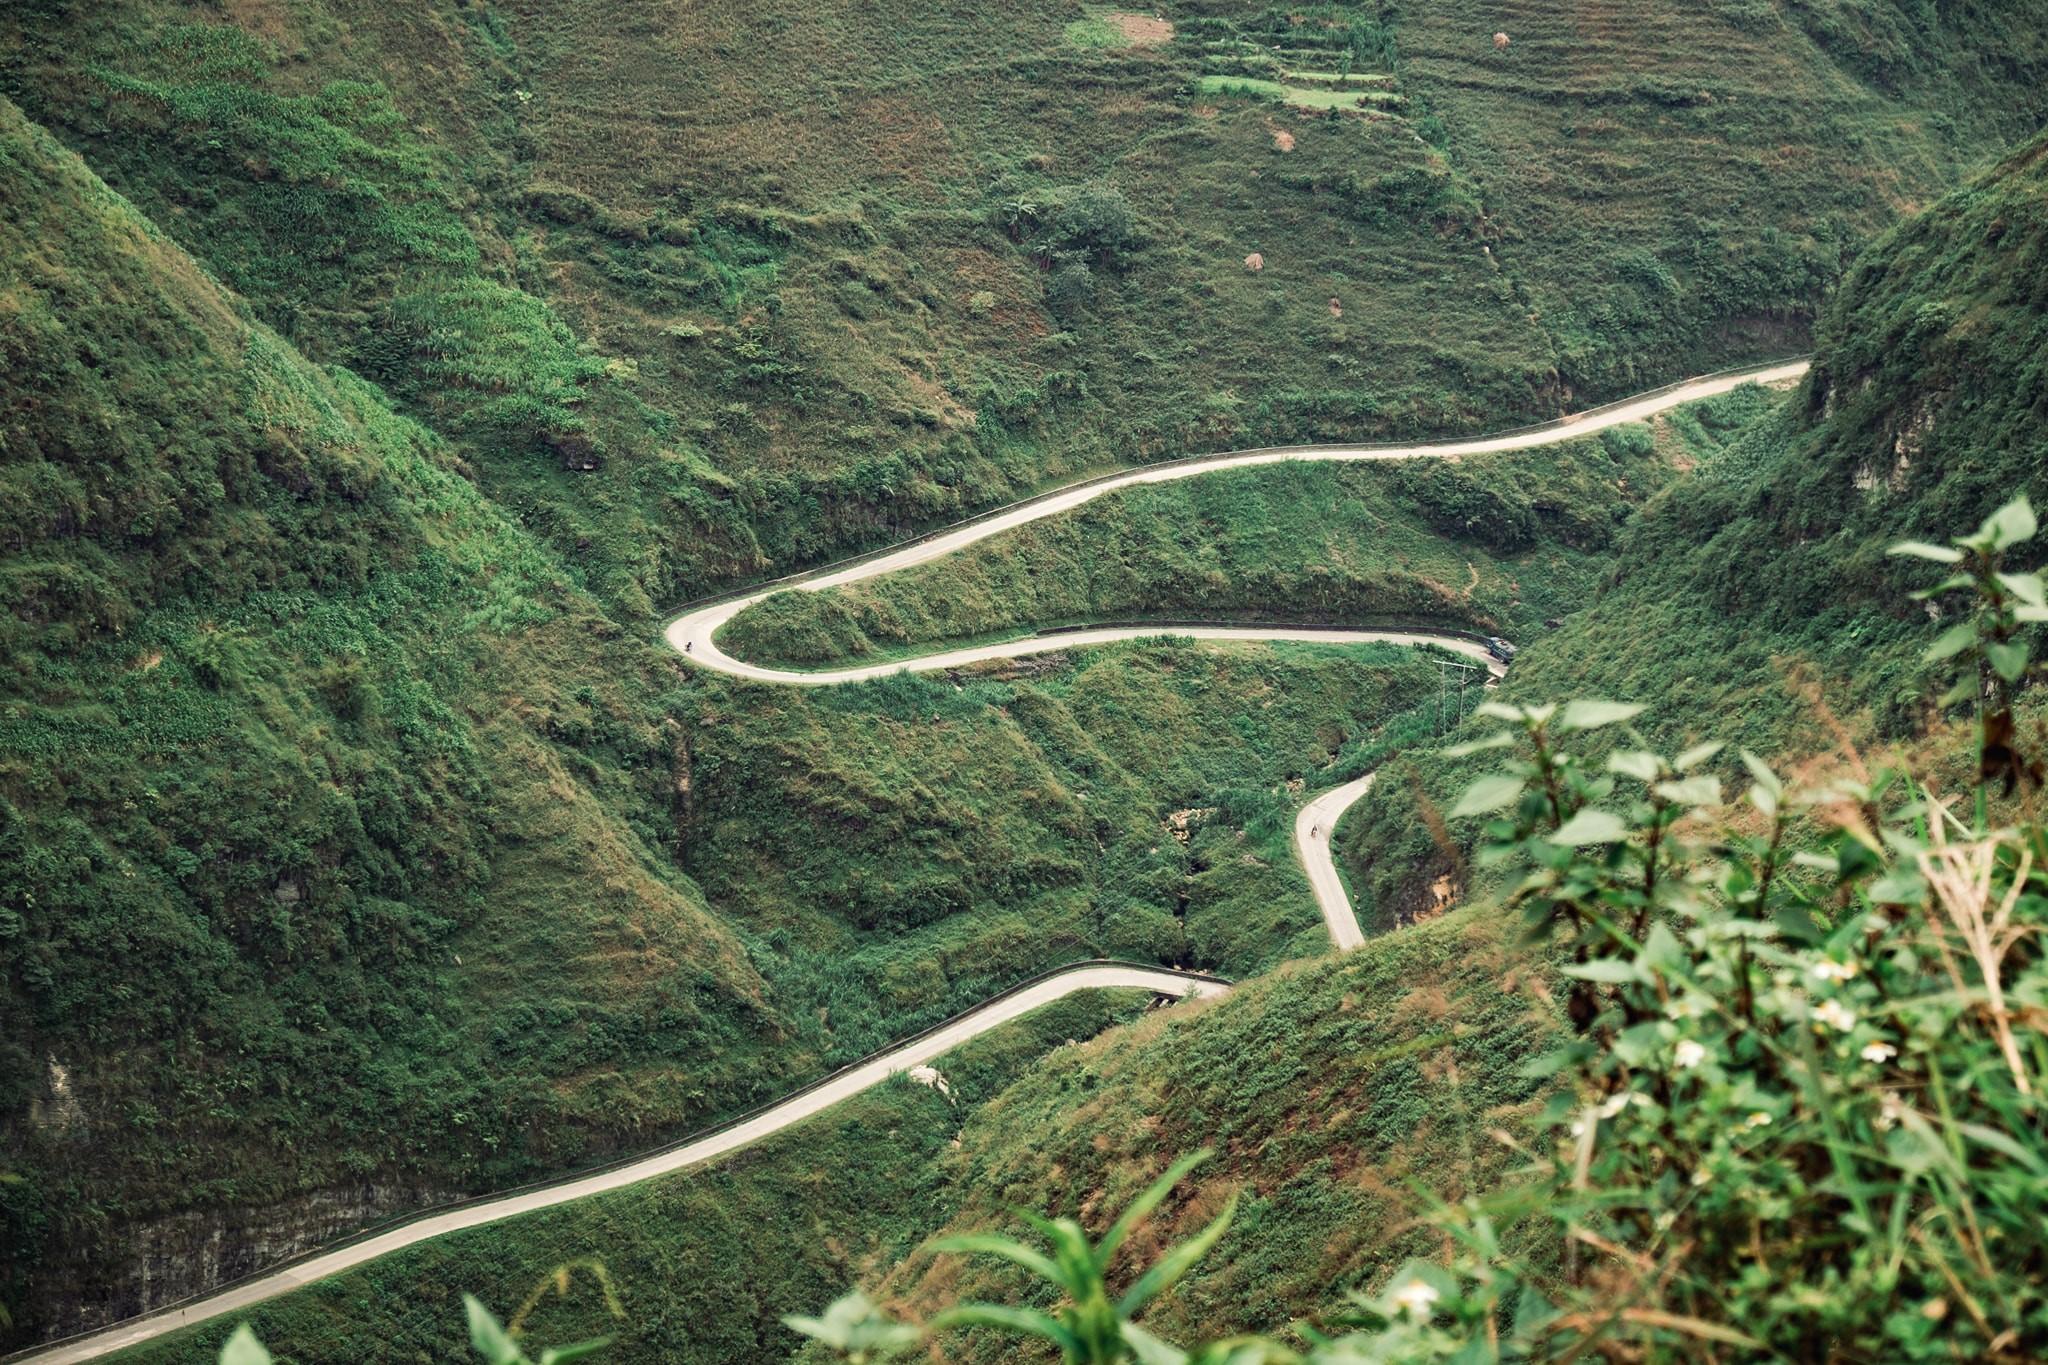 Khám phá Mã Pí Lèng, một trong 'tứ đại đỉnh đèo' của Việt Nam  - Ảnh 5.